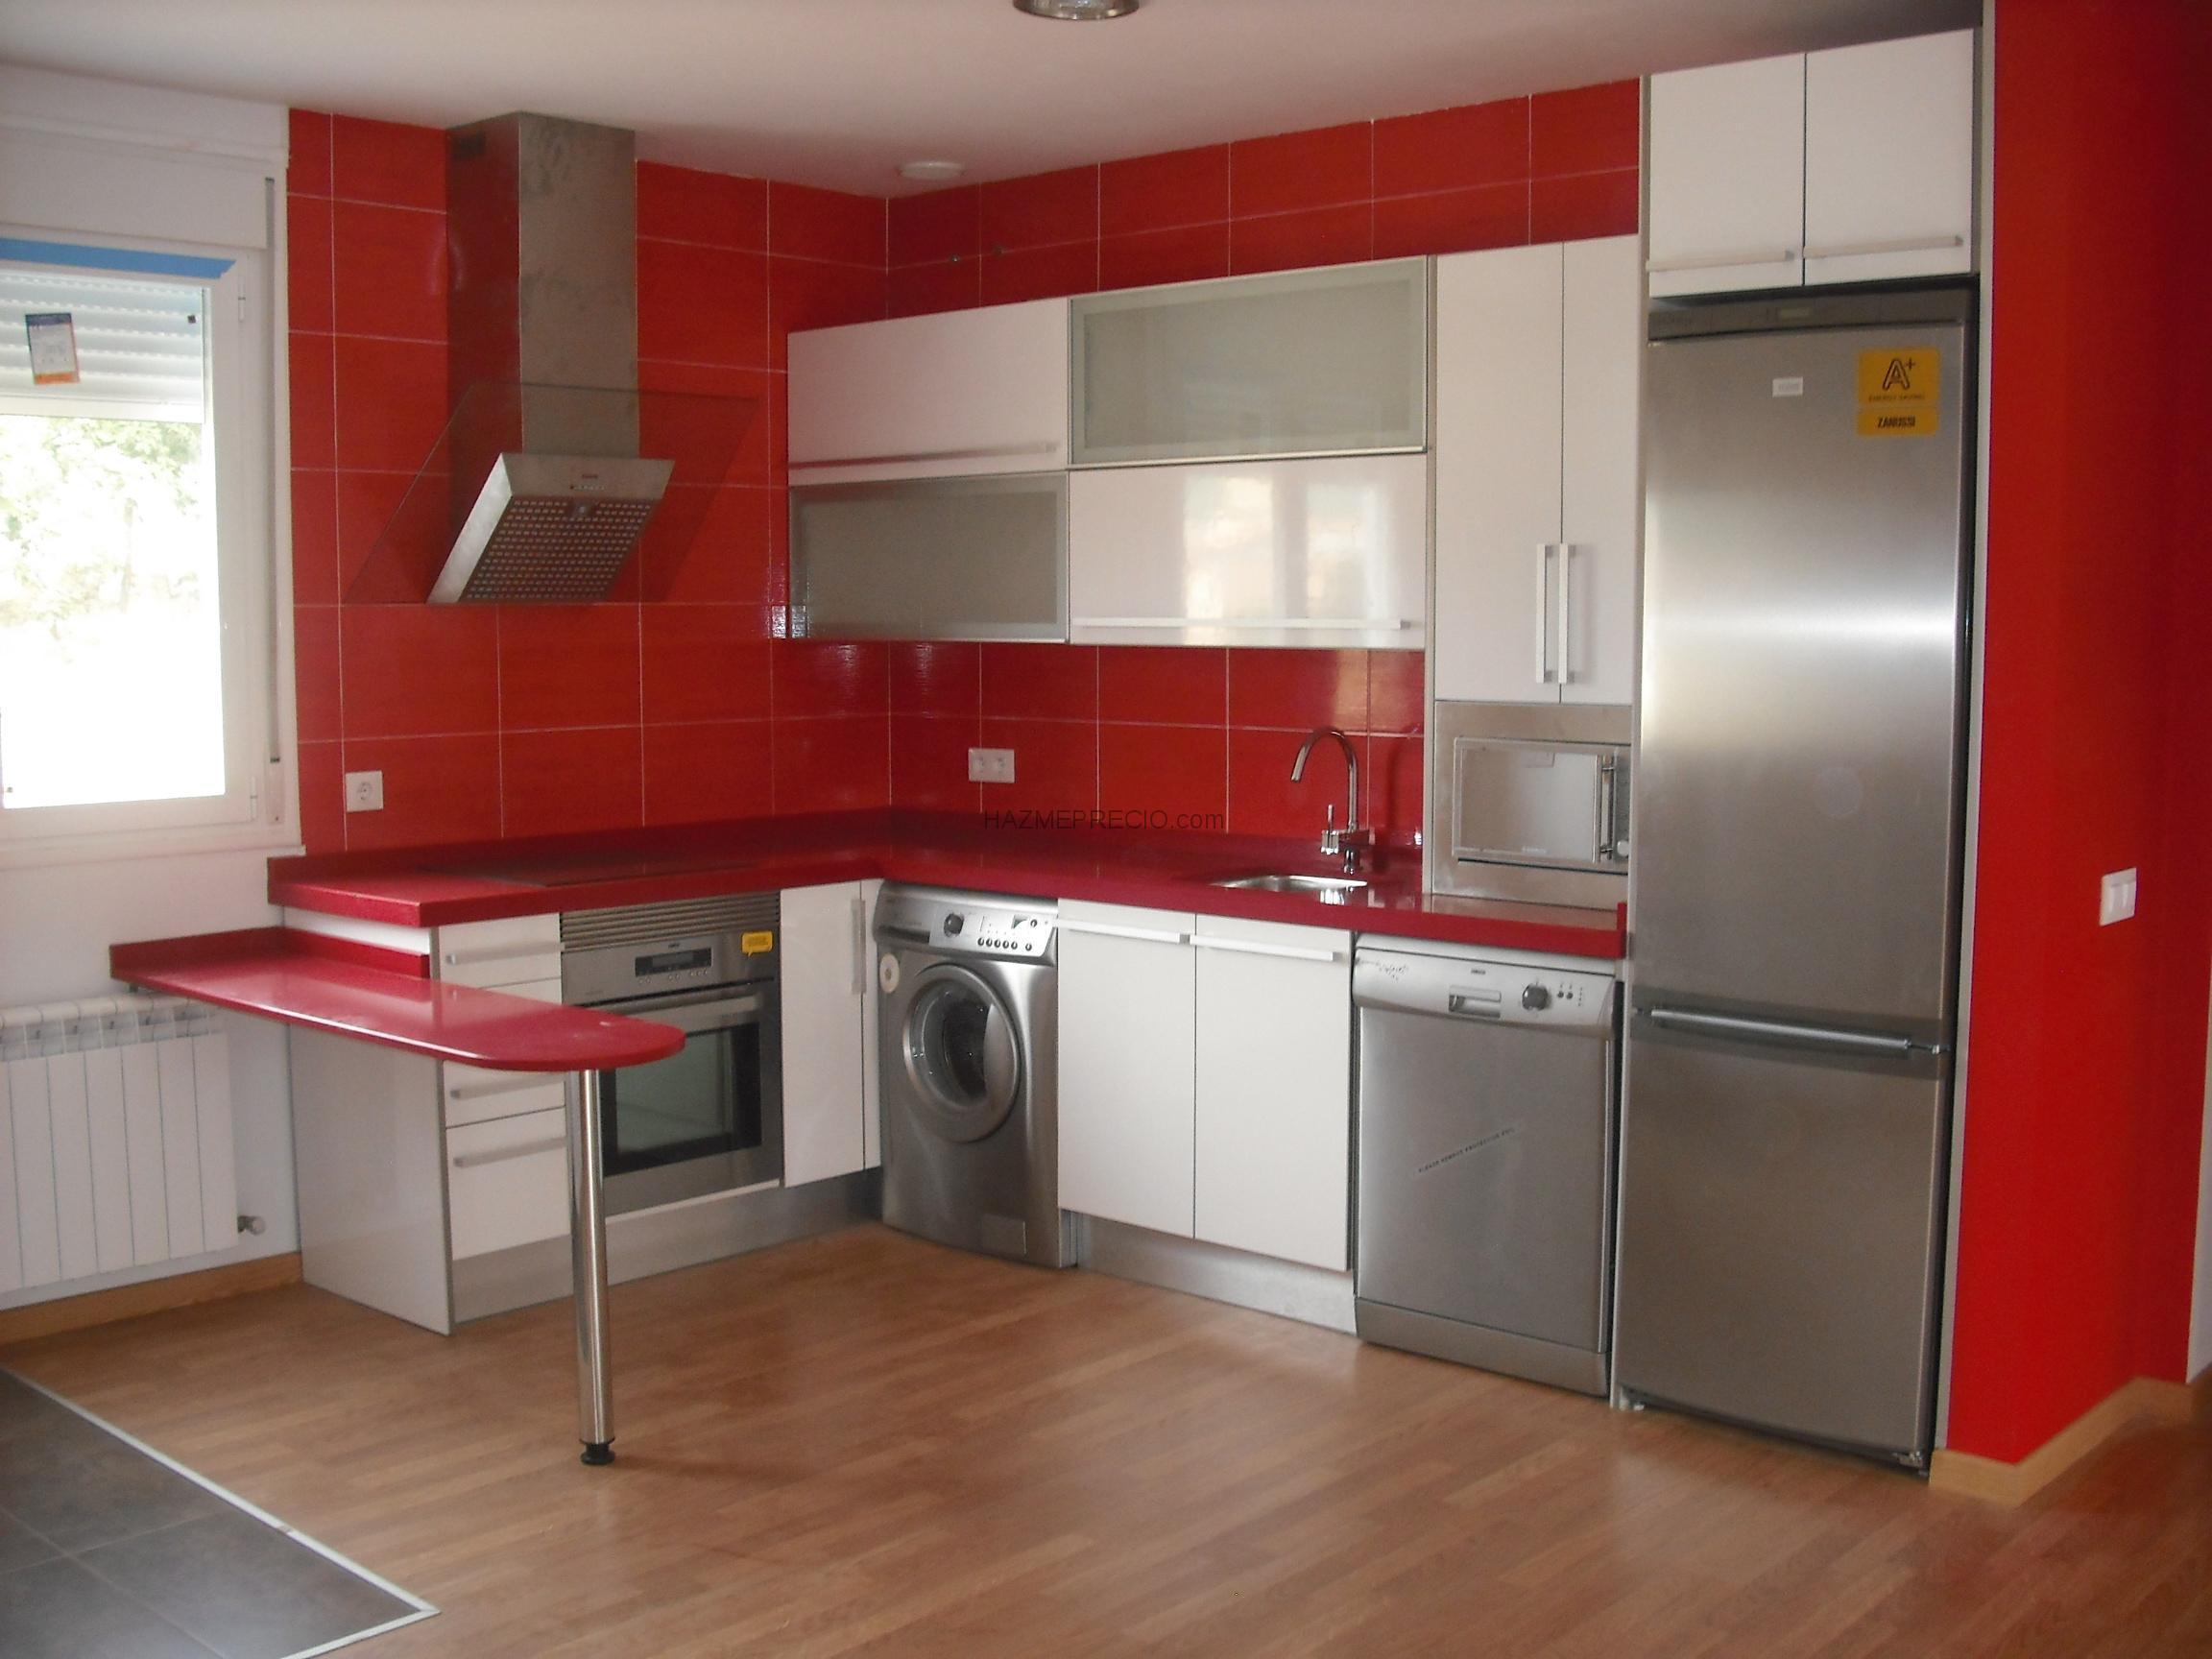 Modelos de cocinas integrales clsicas y modernas para todo Modelos de decoracion de cocinas